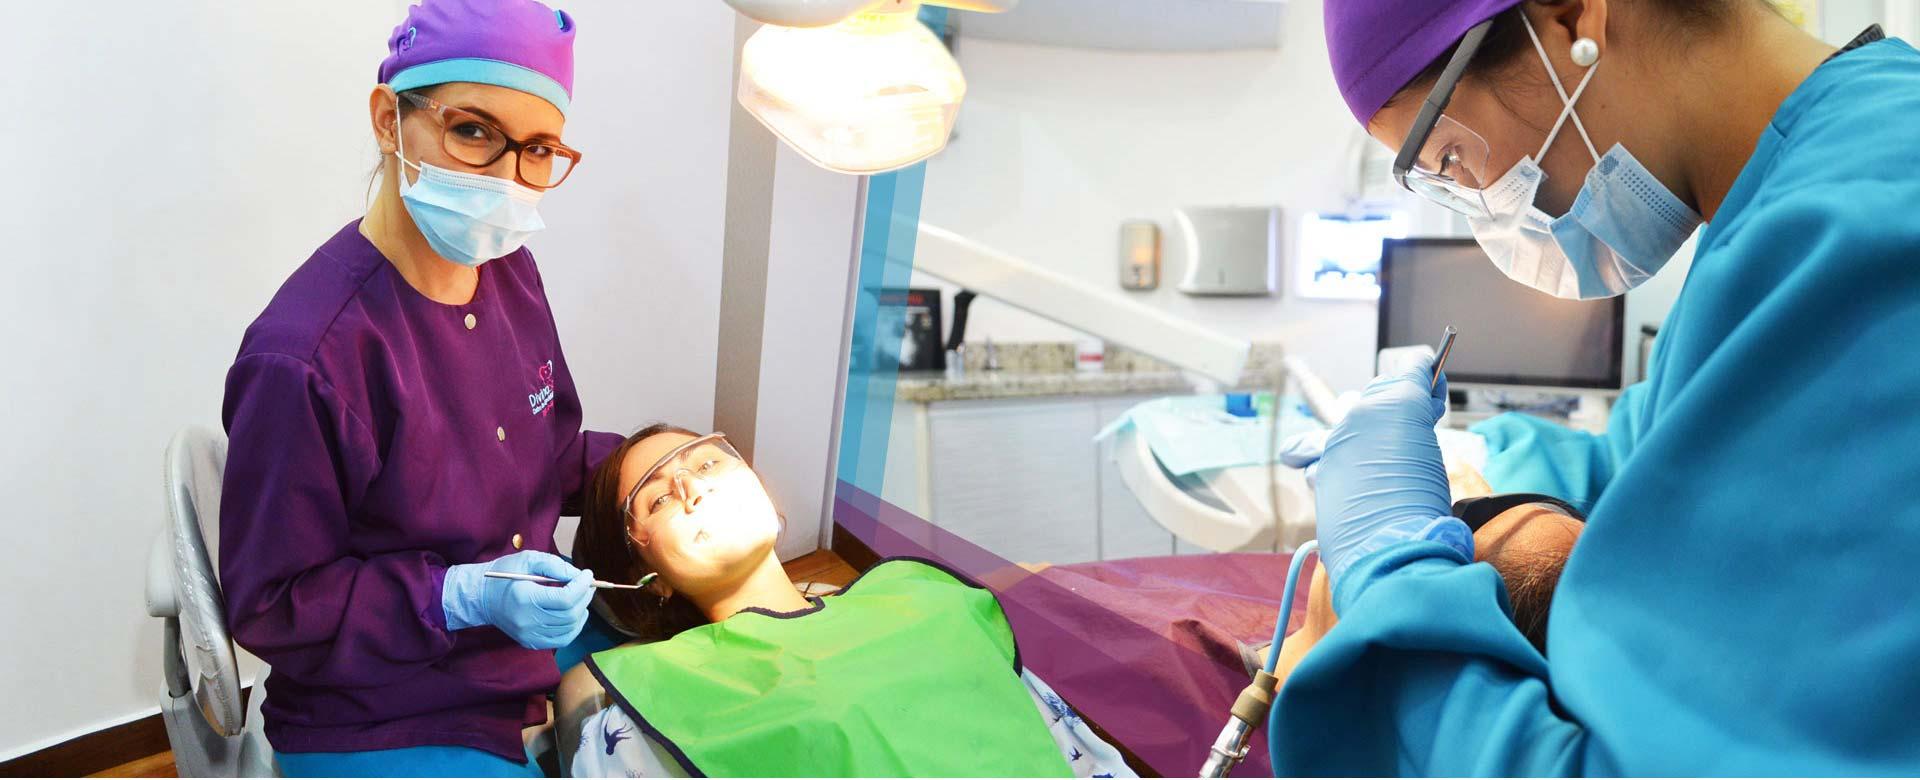 odontologia-divina-sonrisa-2